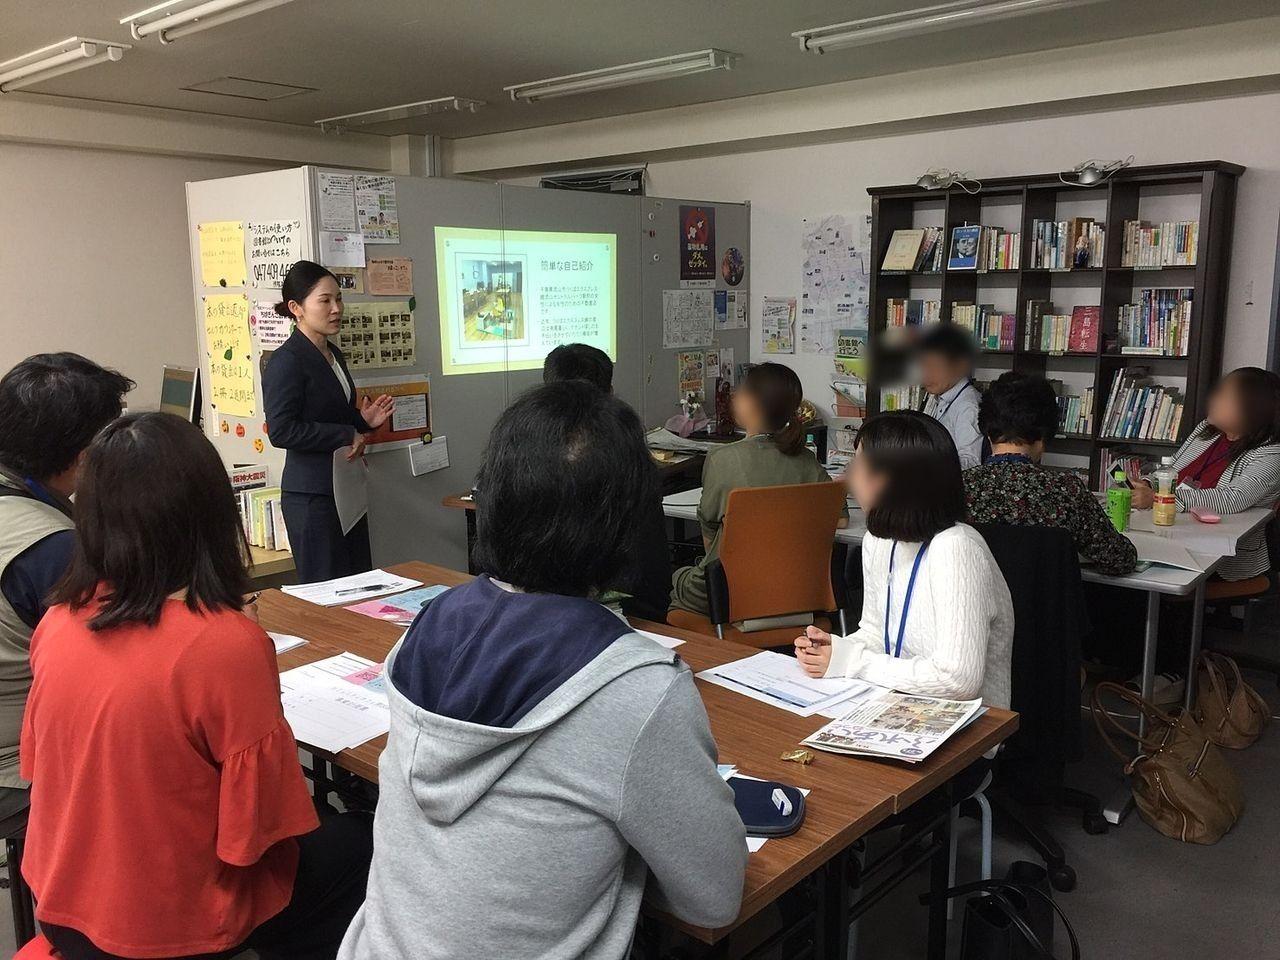 千葉市で開催されたコミュニティカフェ開設講座でお話させていただきました。